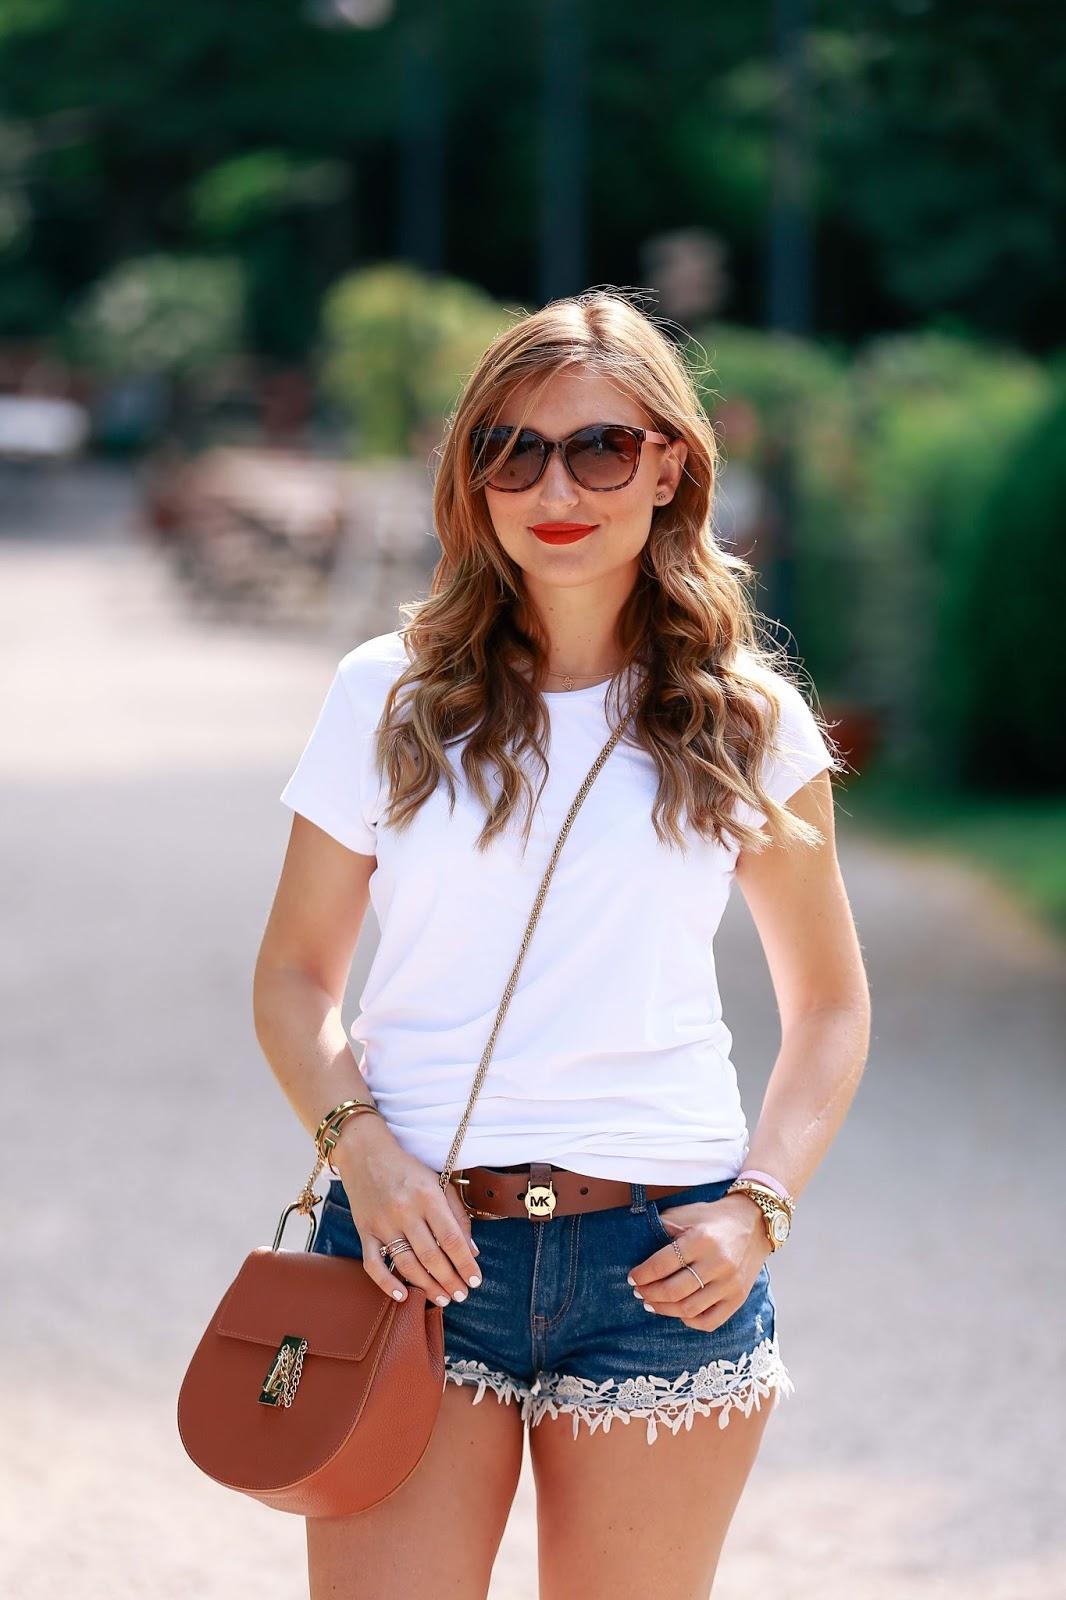 Ein super cooler und cooler Look mit einer jeaas Hose und einem weißen T-shirt